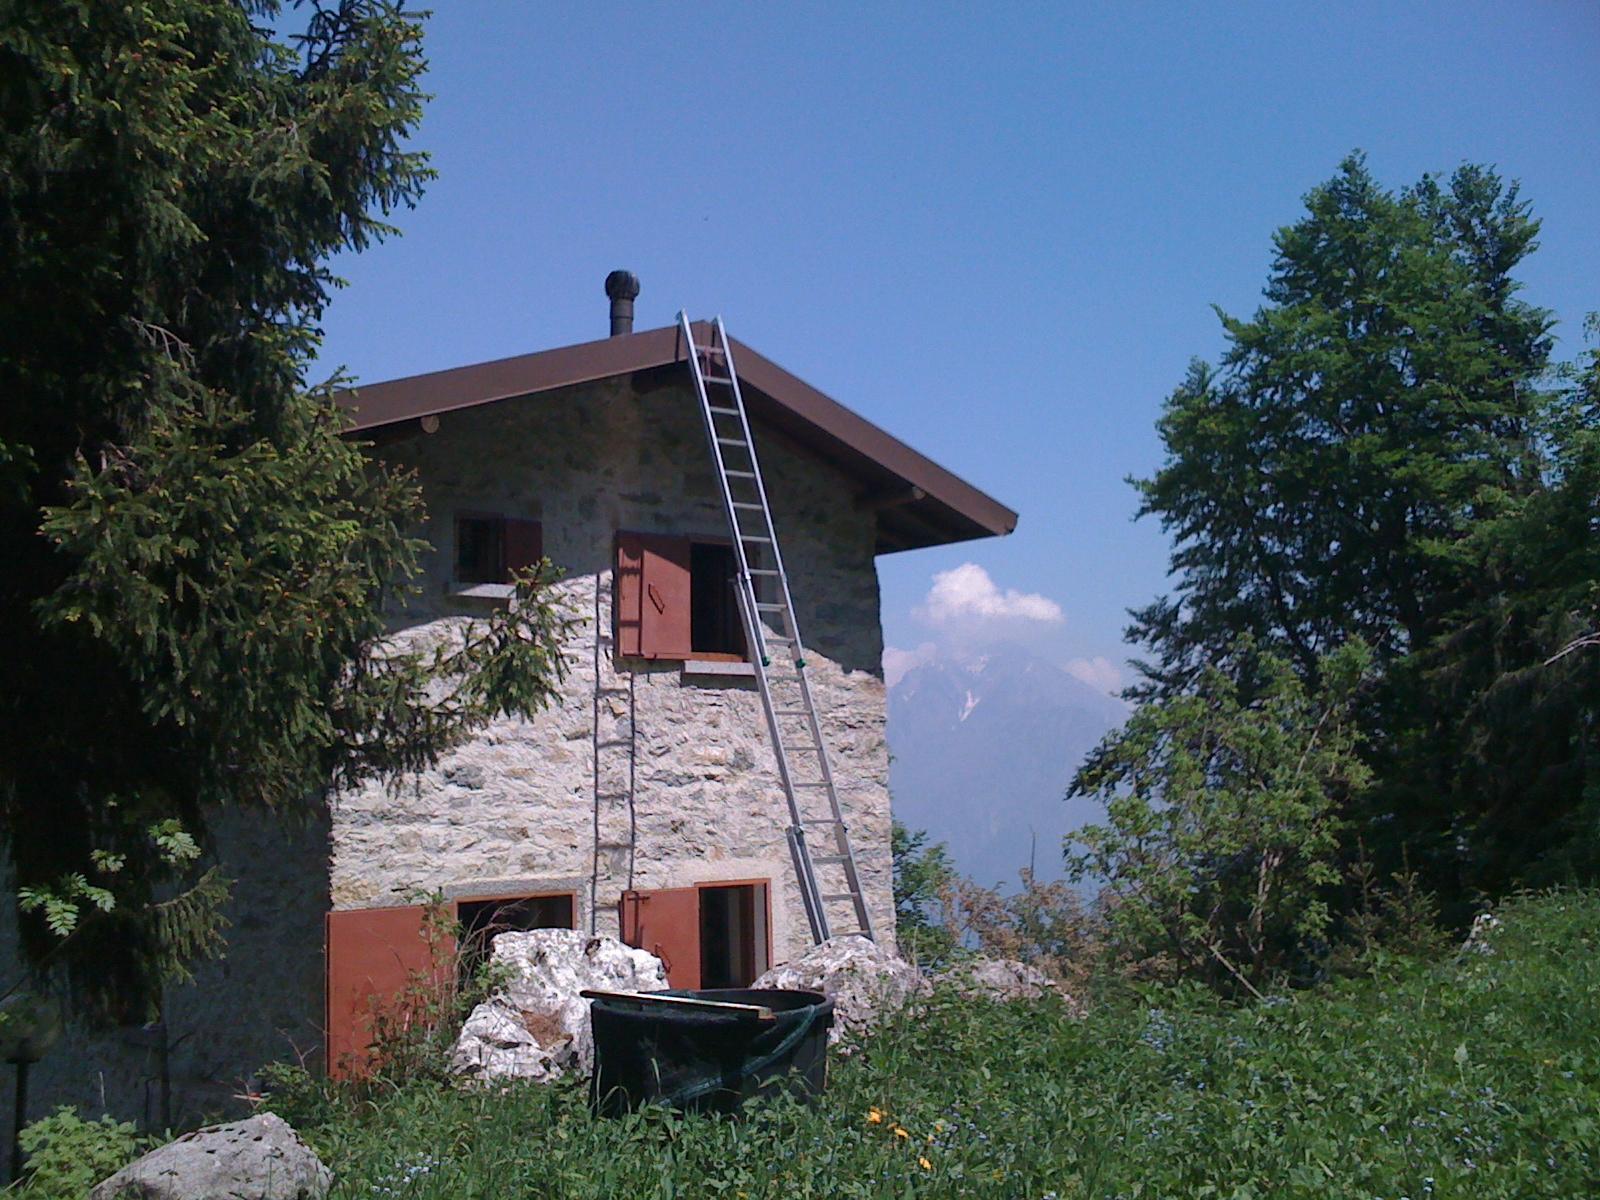 Rustico / Casale in vendita a Civenna, 2 locali, prezzo € 150.000 | Cambio Casa.it